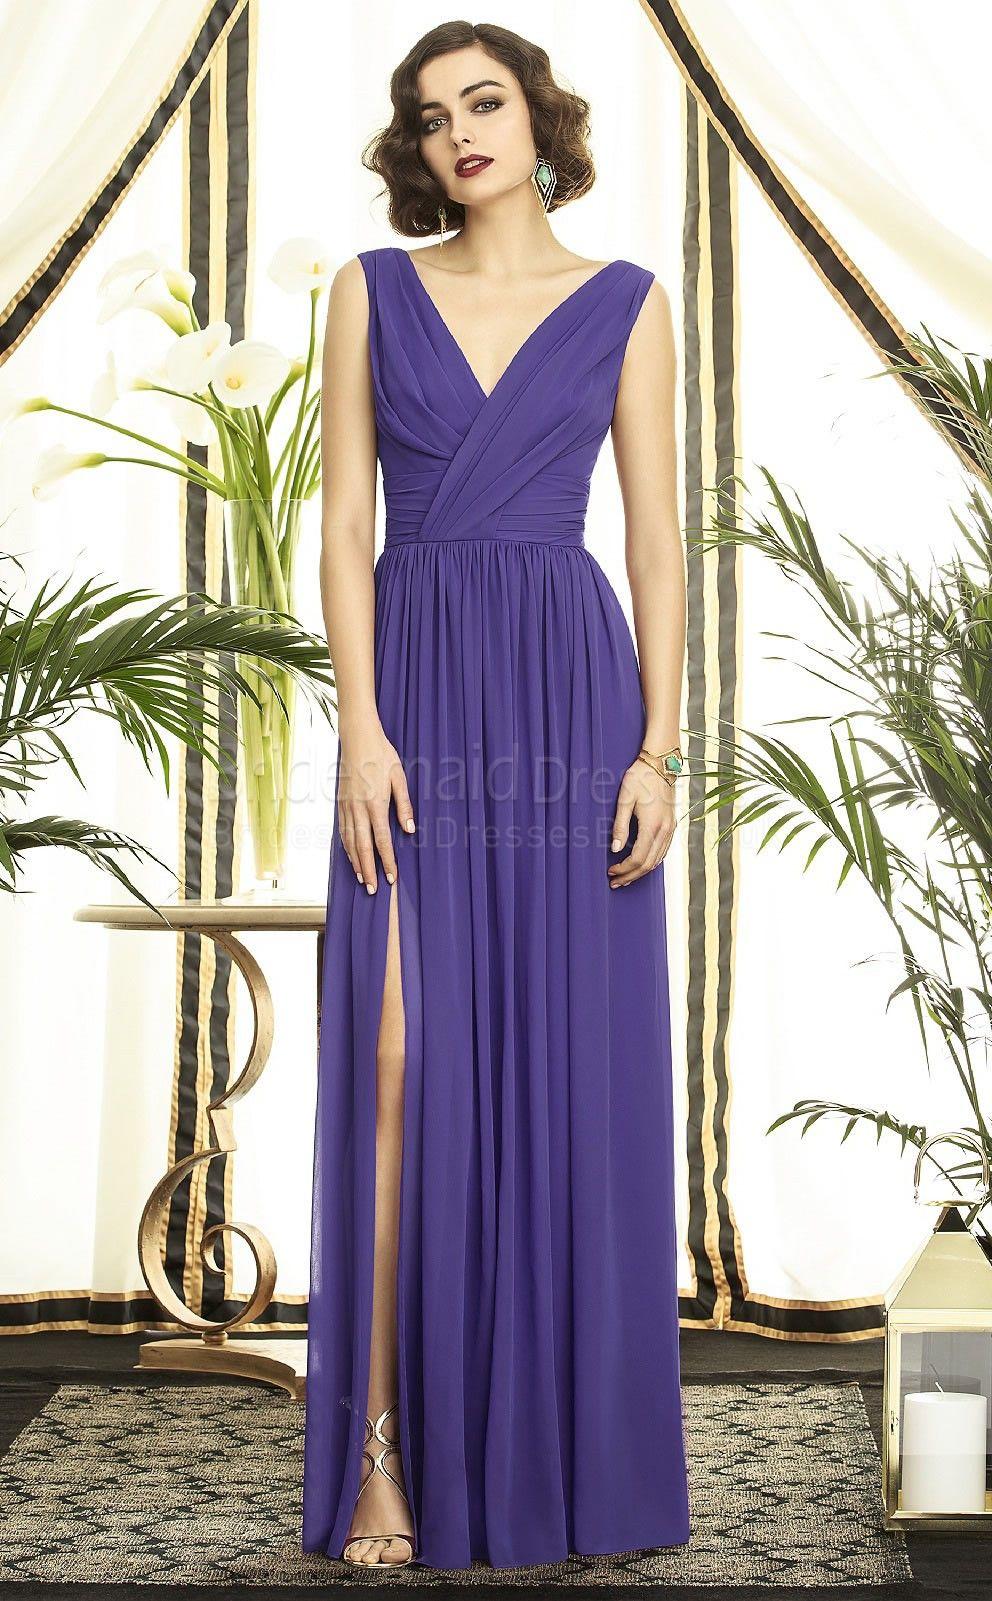 Purple bridesmaid dresseslong purple bridesmaid dresses